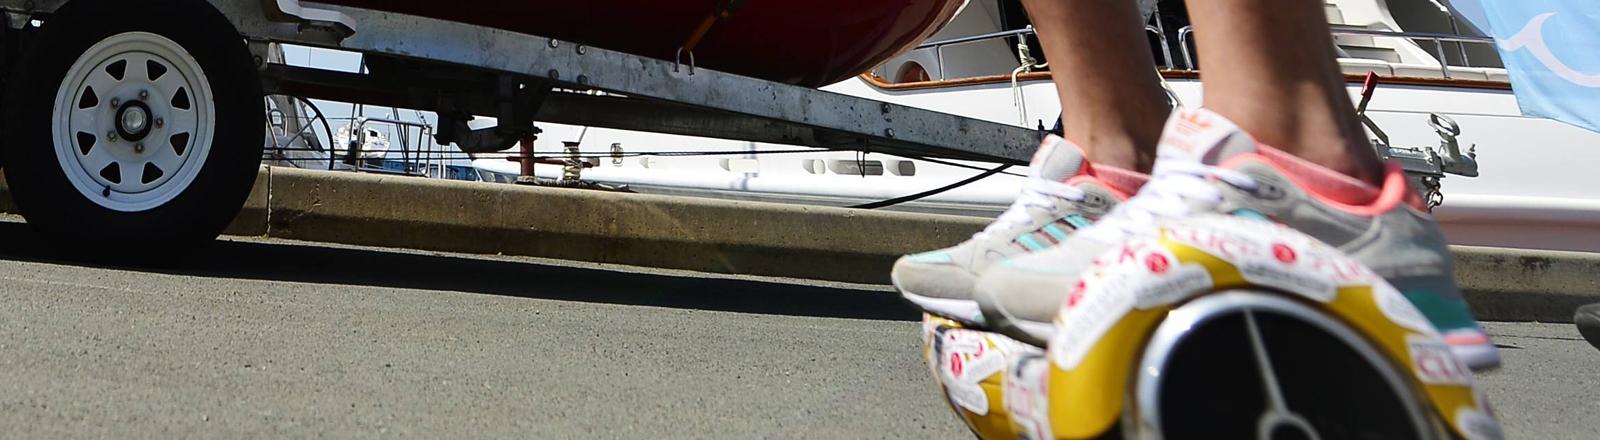 Frau in Hotpants auf einem Hoverboard